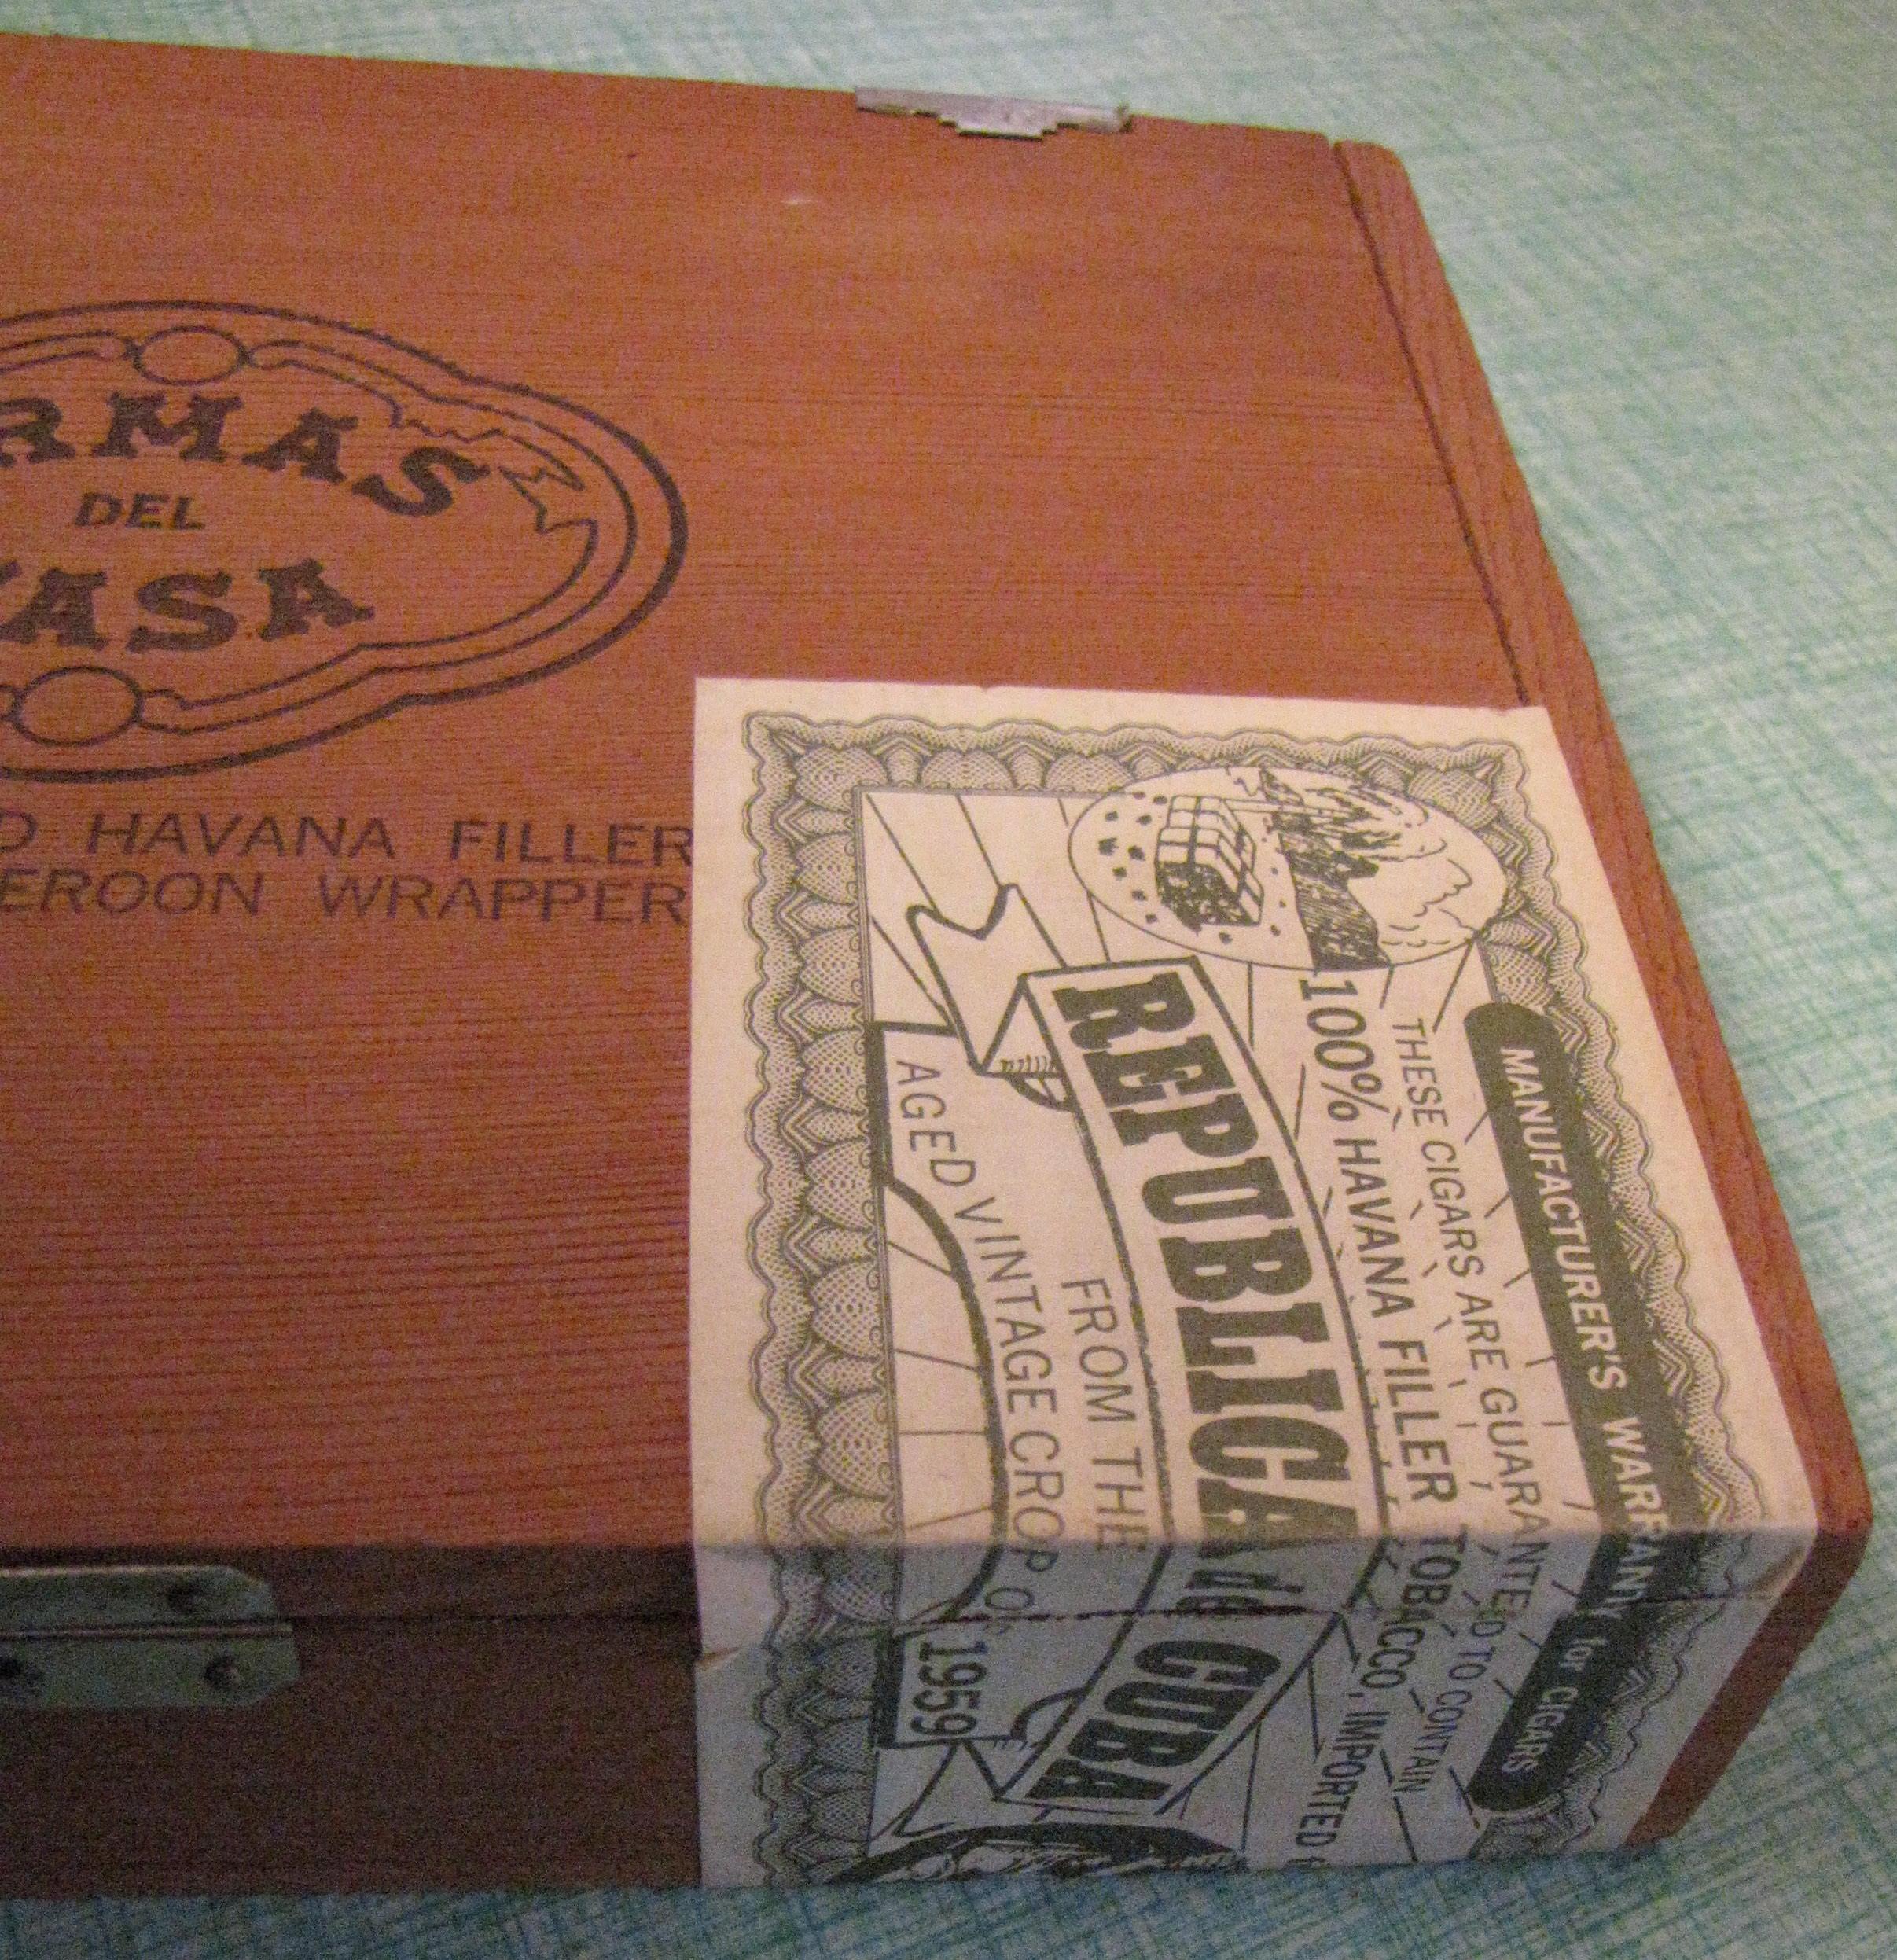 Cuban Cigar Box Armas Del Casa Republica De Cuba 1959 Old Wooden